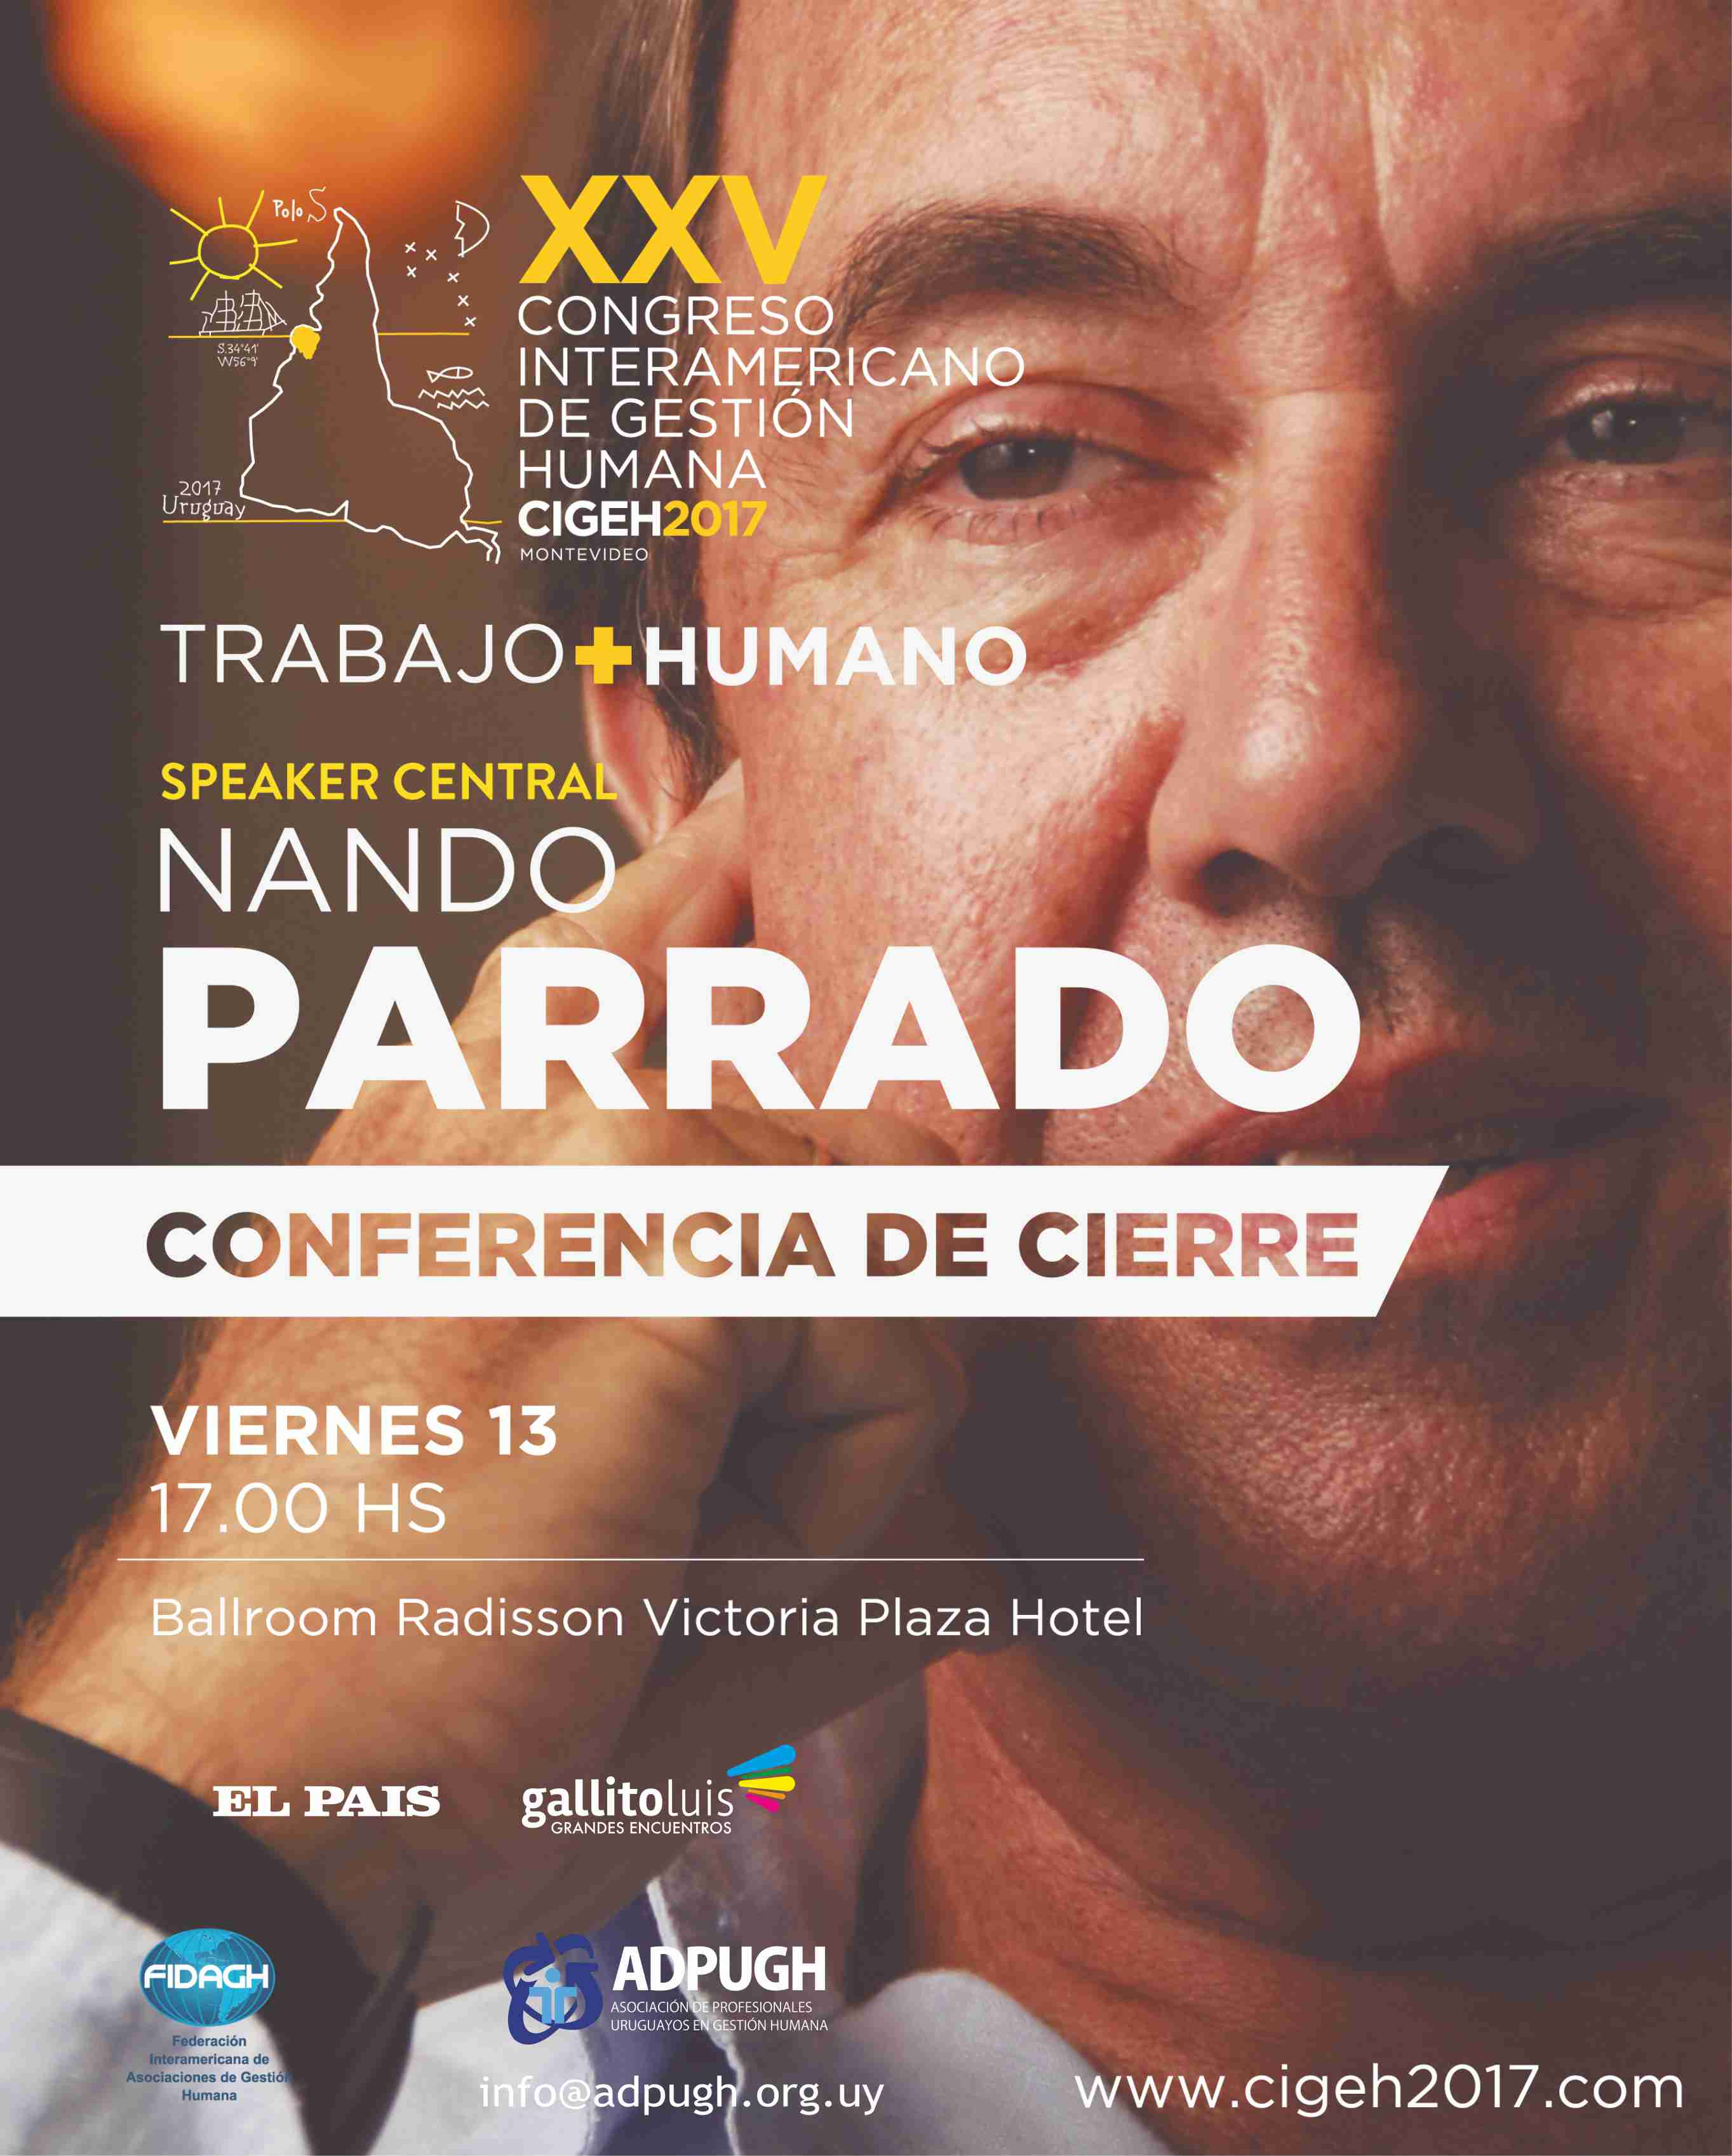 XXV Congreso interamericano de gestión humana